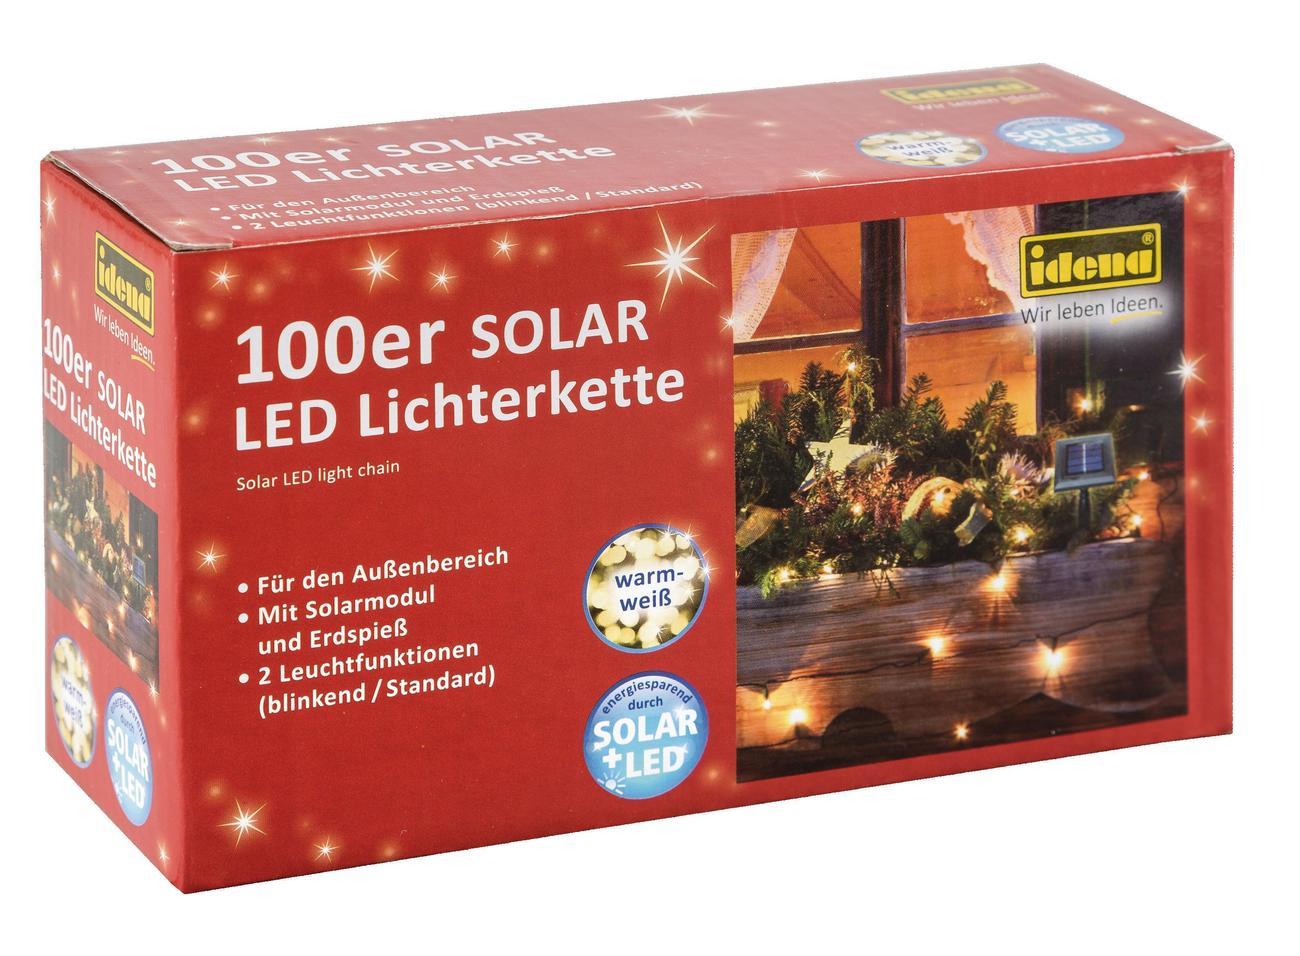 idena markenshop 100er solar led lichterkette warmwei f r au en 2 leuchtfunktionen. Black Bedroom Furniture Sets. Home Design Ideas